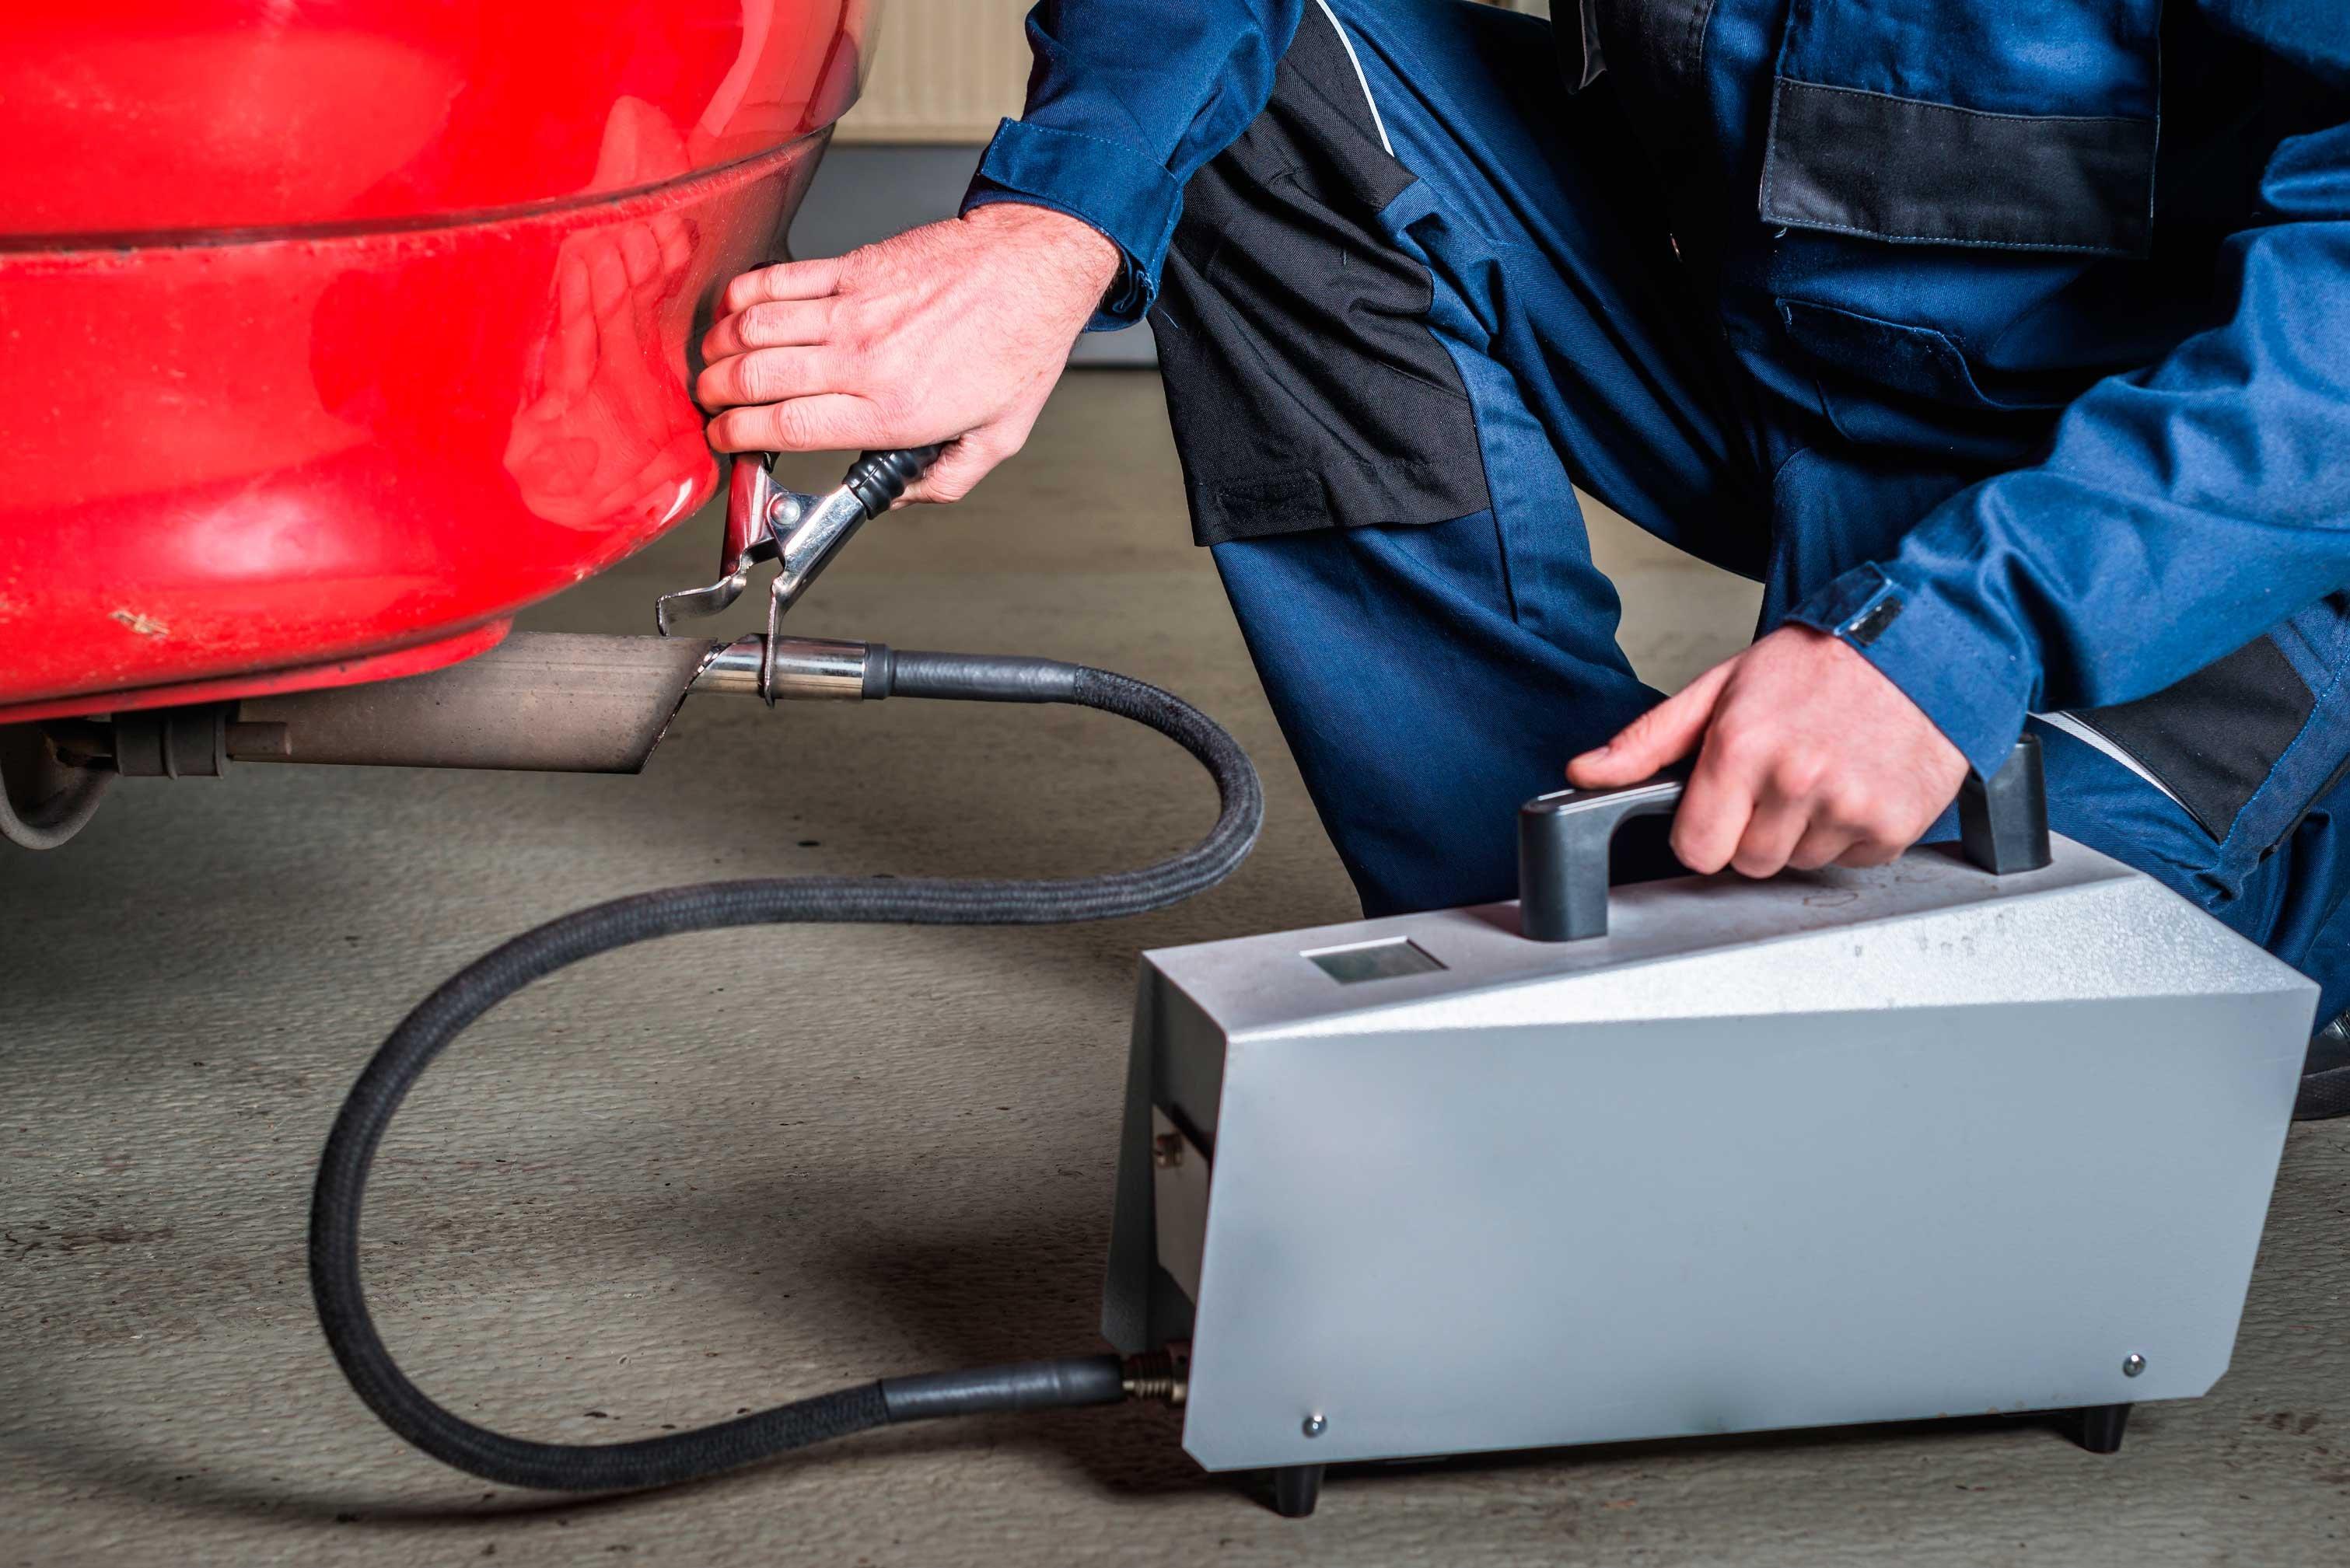 gases-coche-deteccion